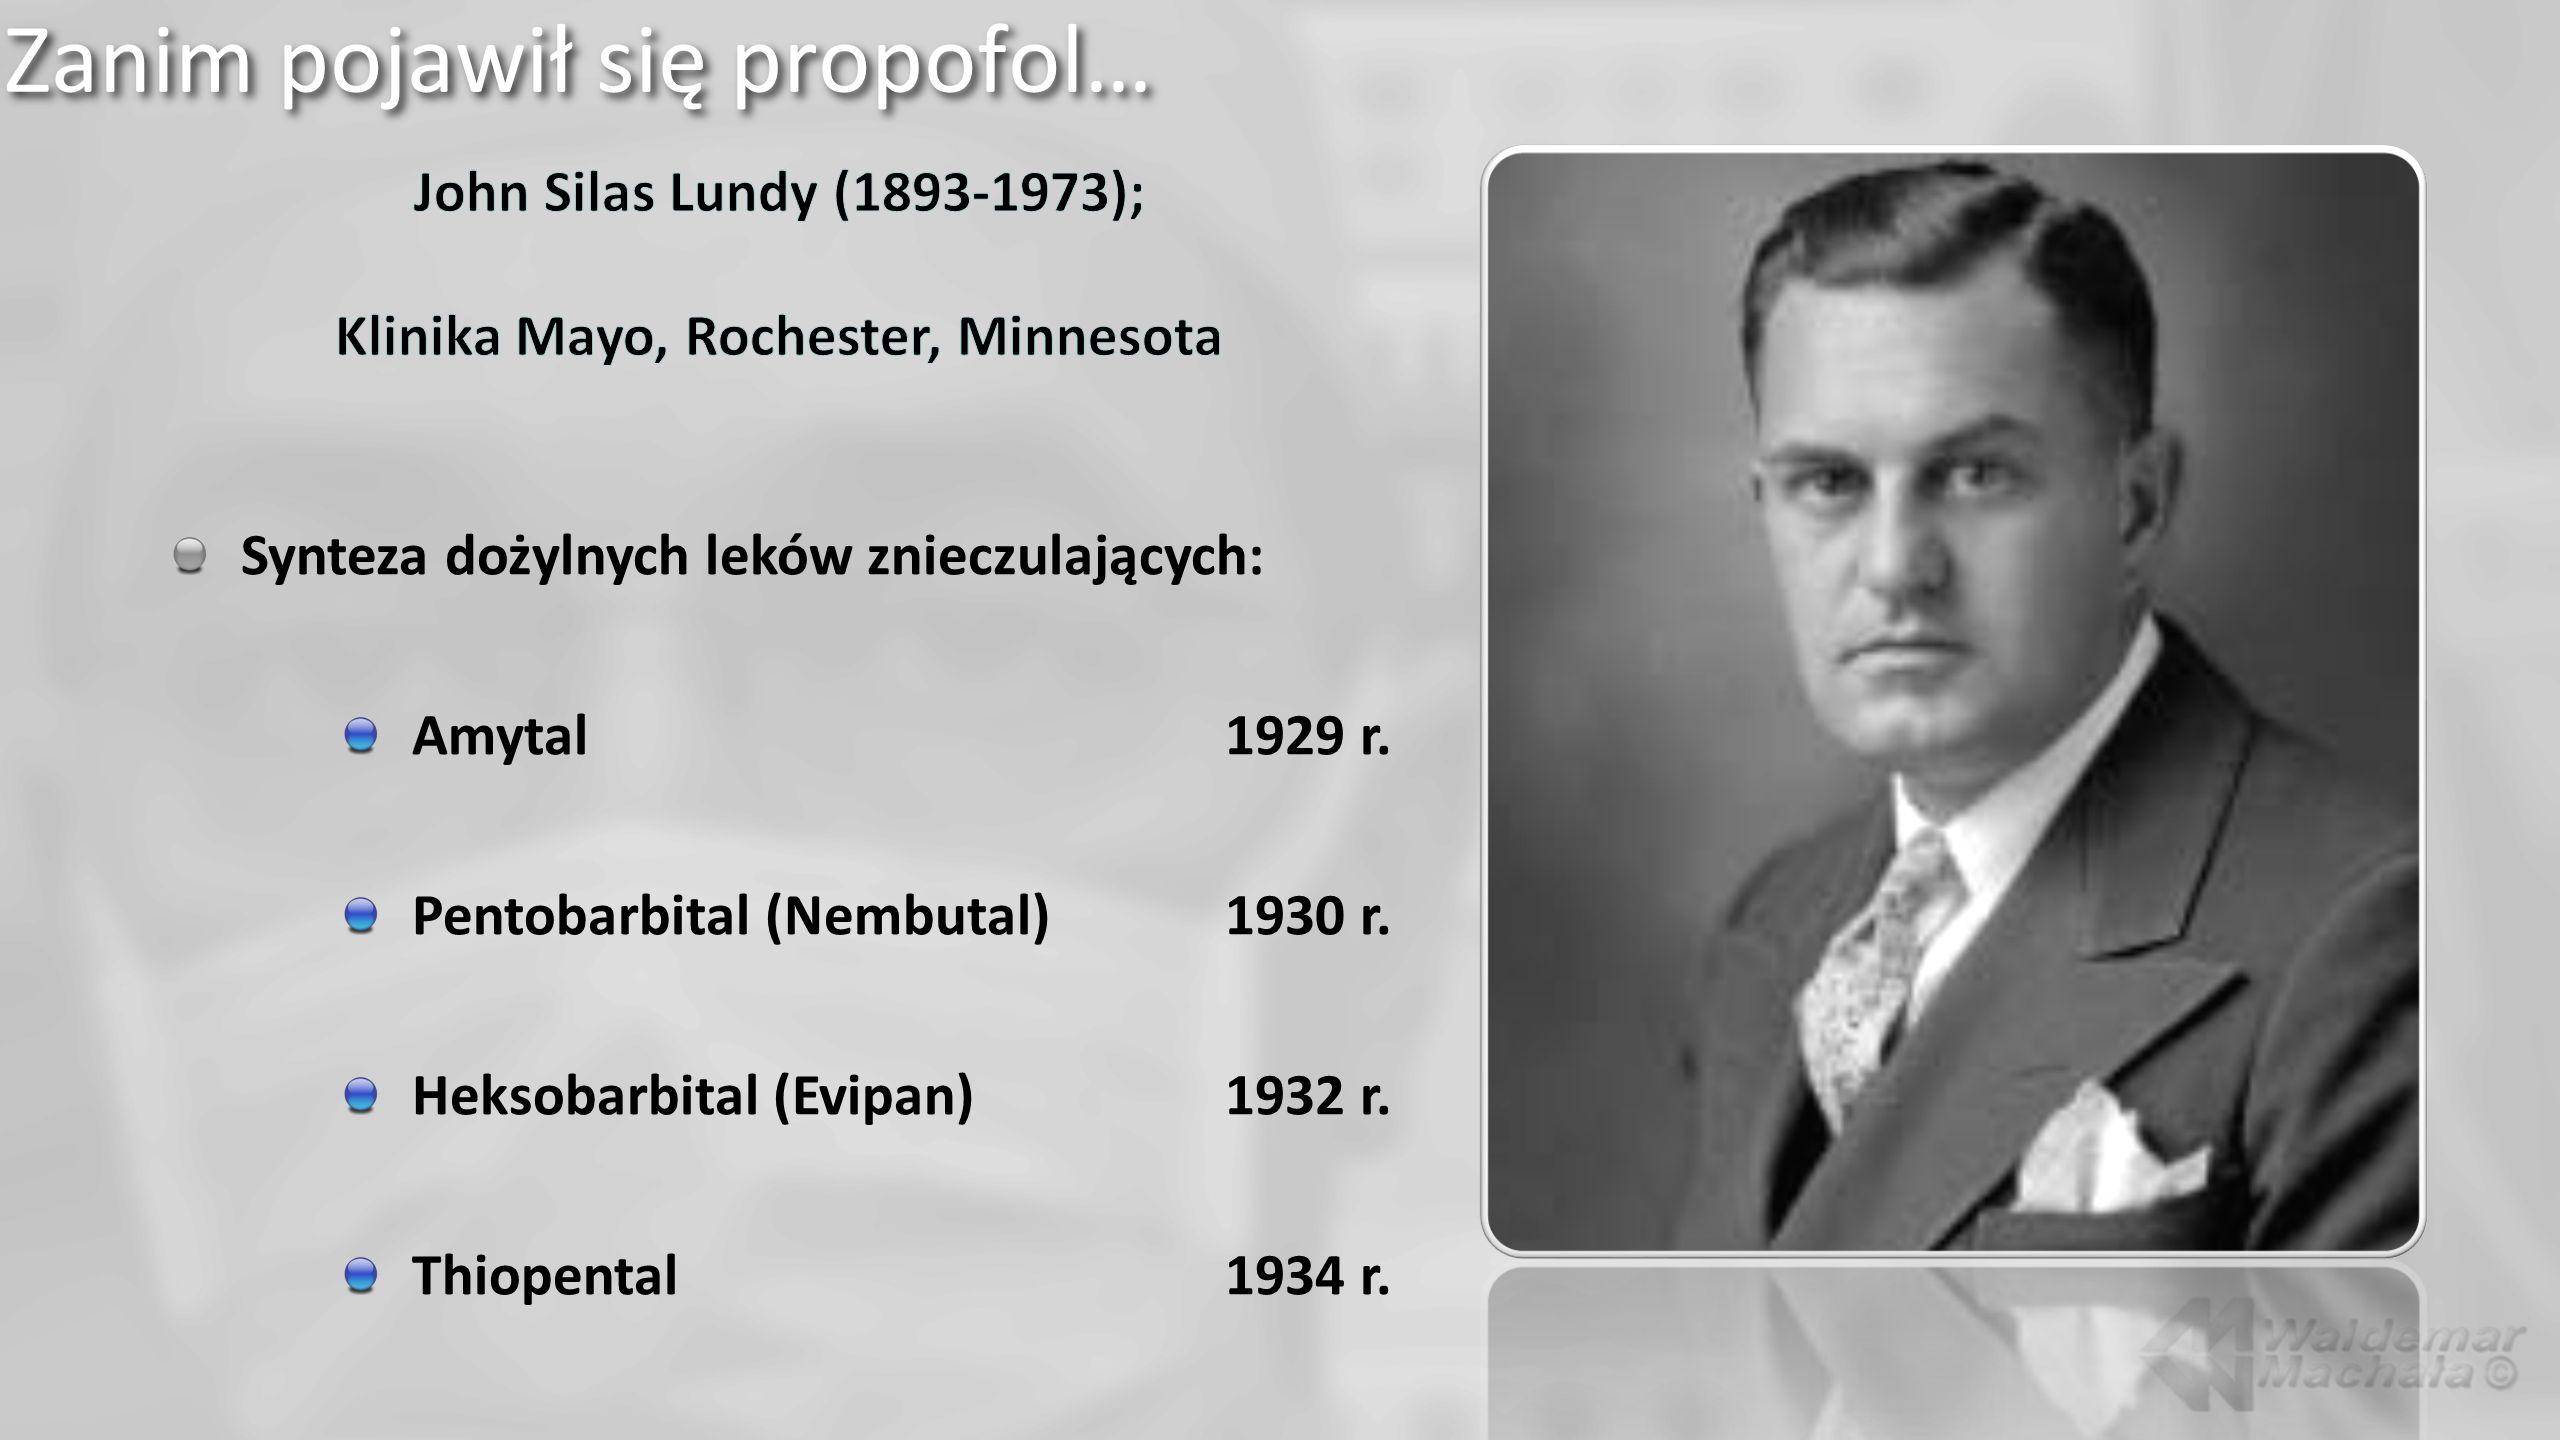 Propofol…, anestezja sterowana stężeniem leku we krwi (TCI) 1968 r.